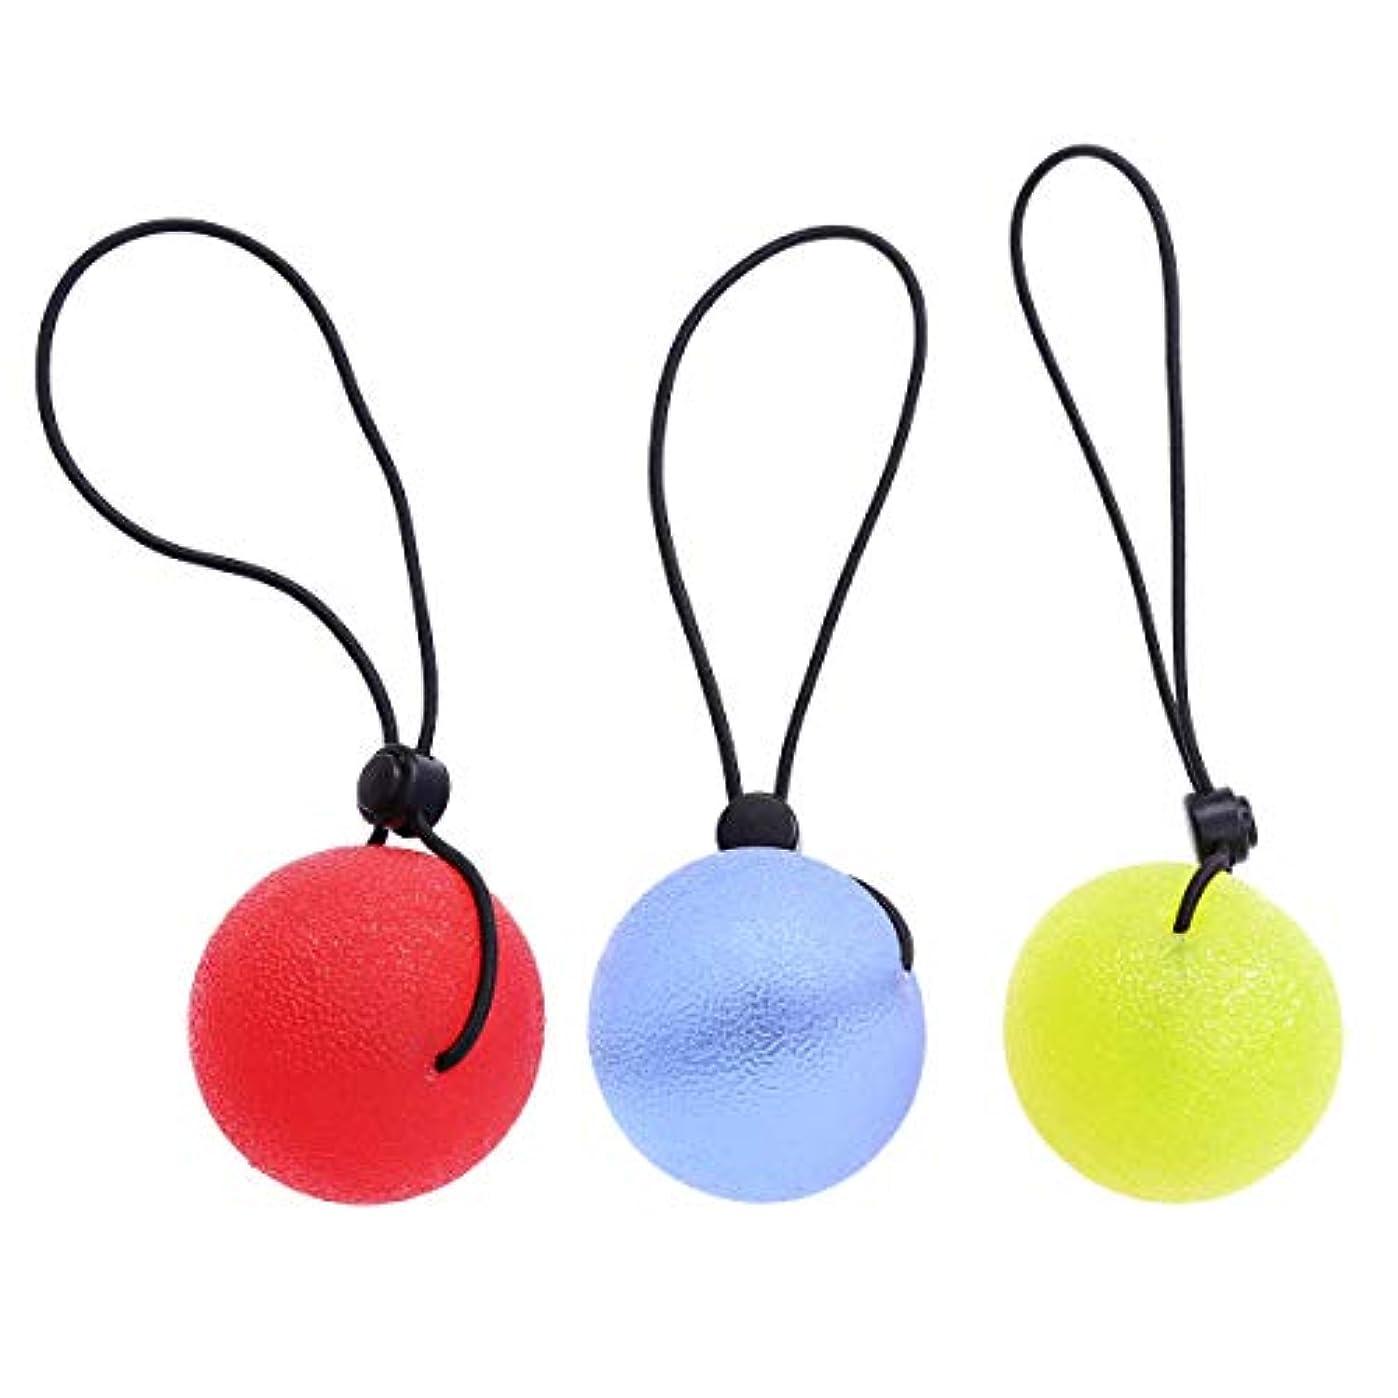 正規化飾り羽改善するSUPVOX 3個シリコーングリップボールハンドエクササイズボールハンドセラピー強化剤トレーナー